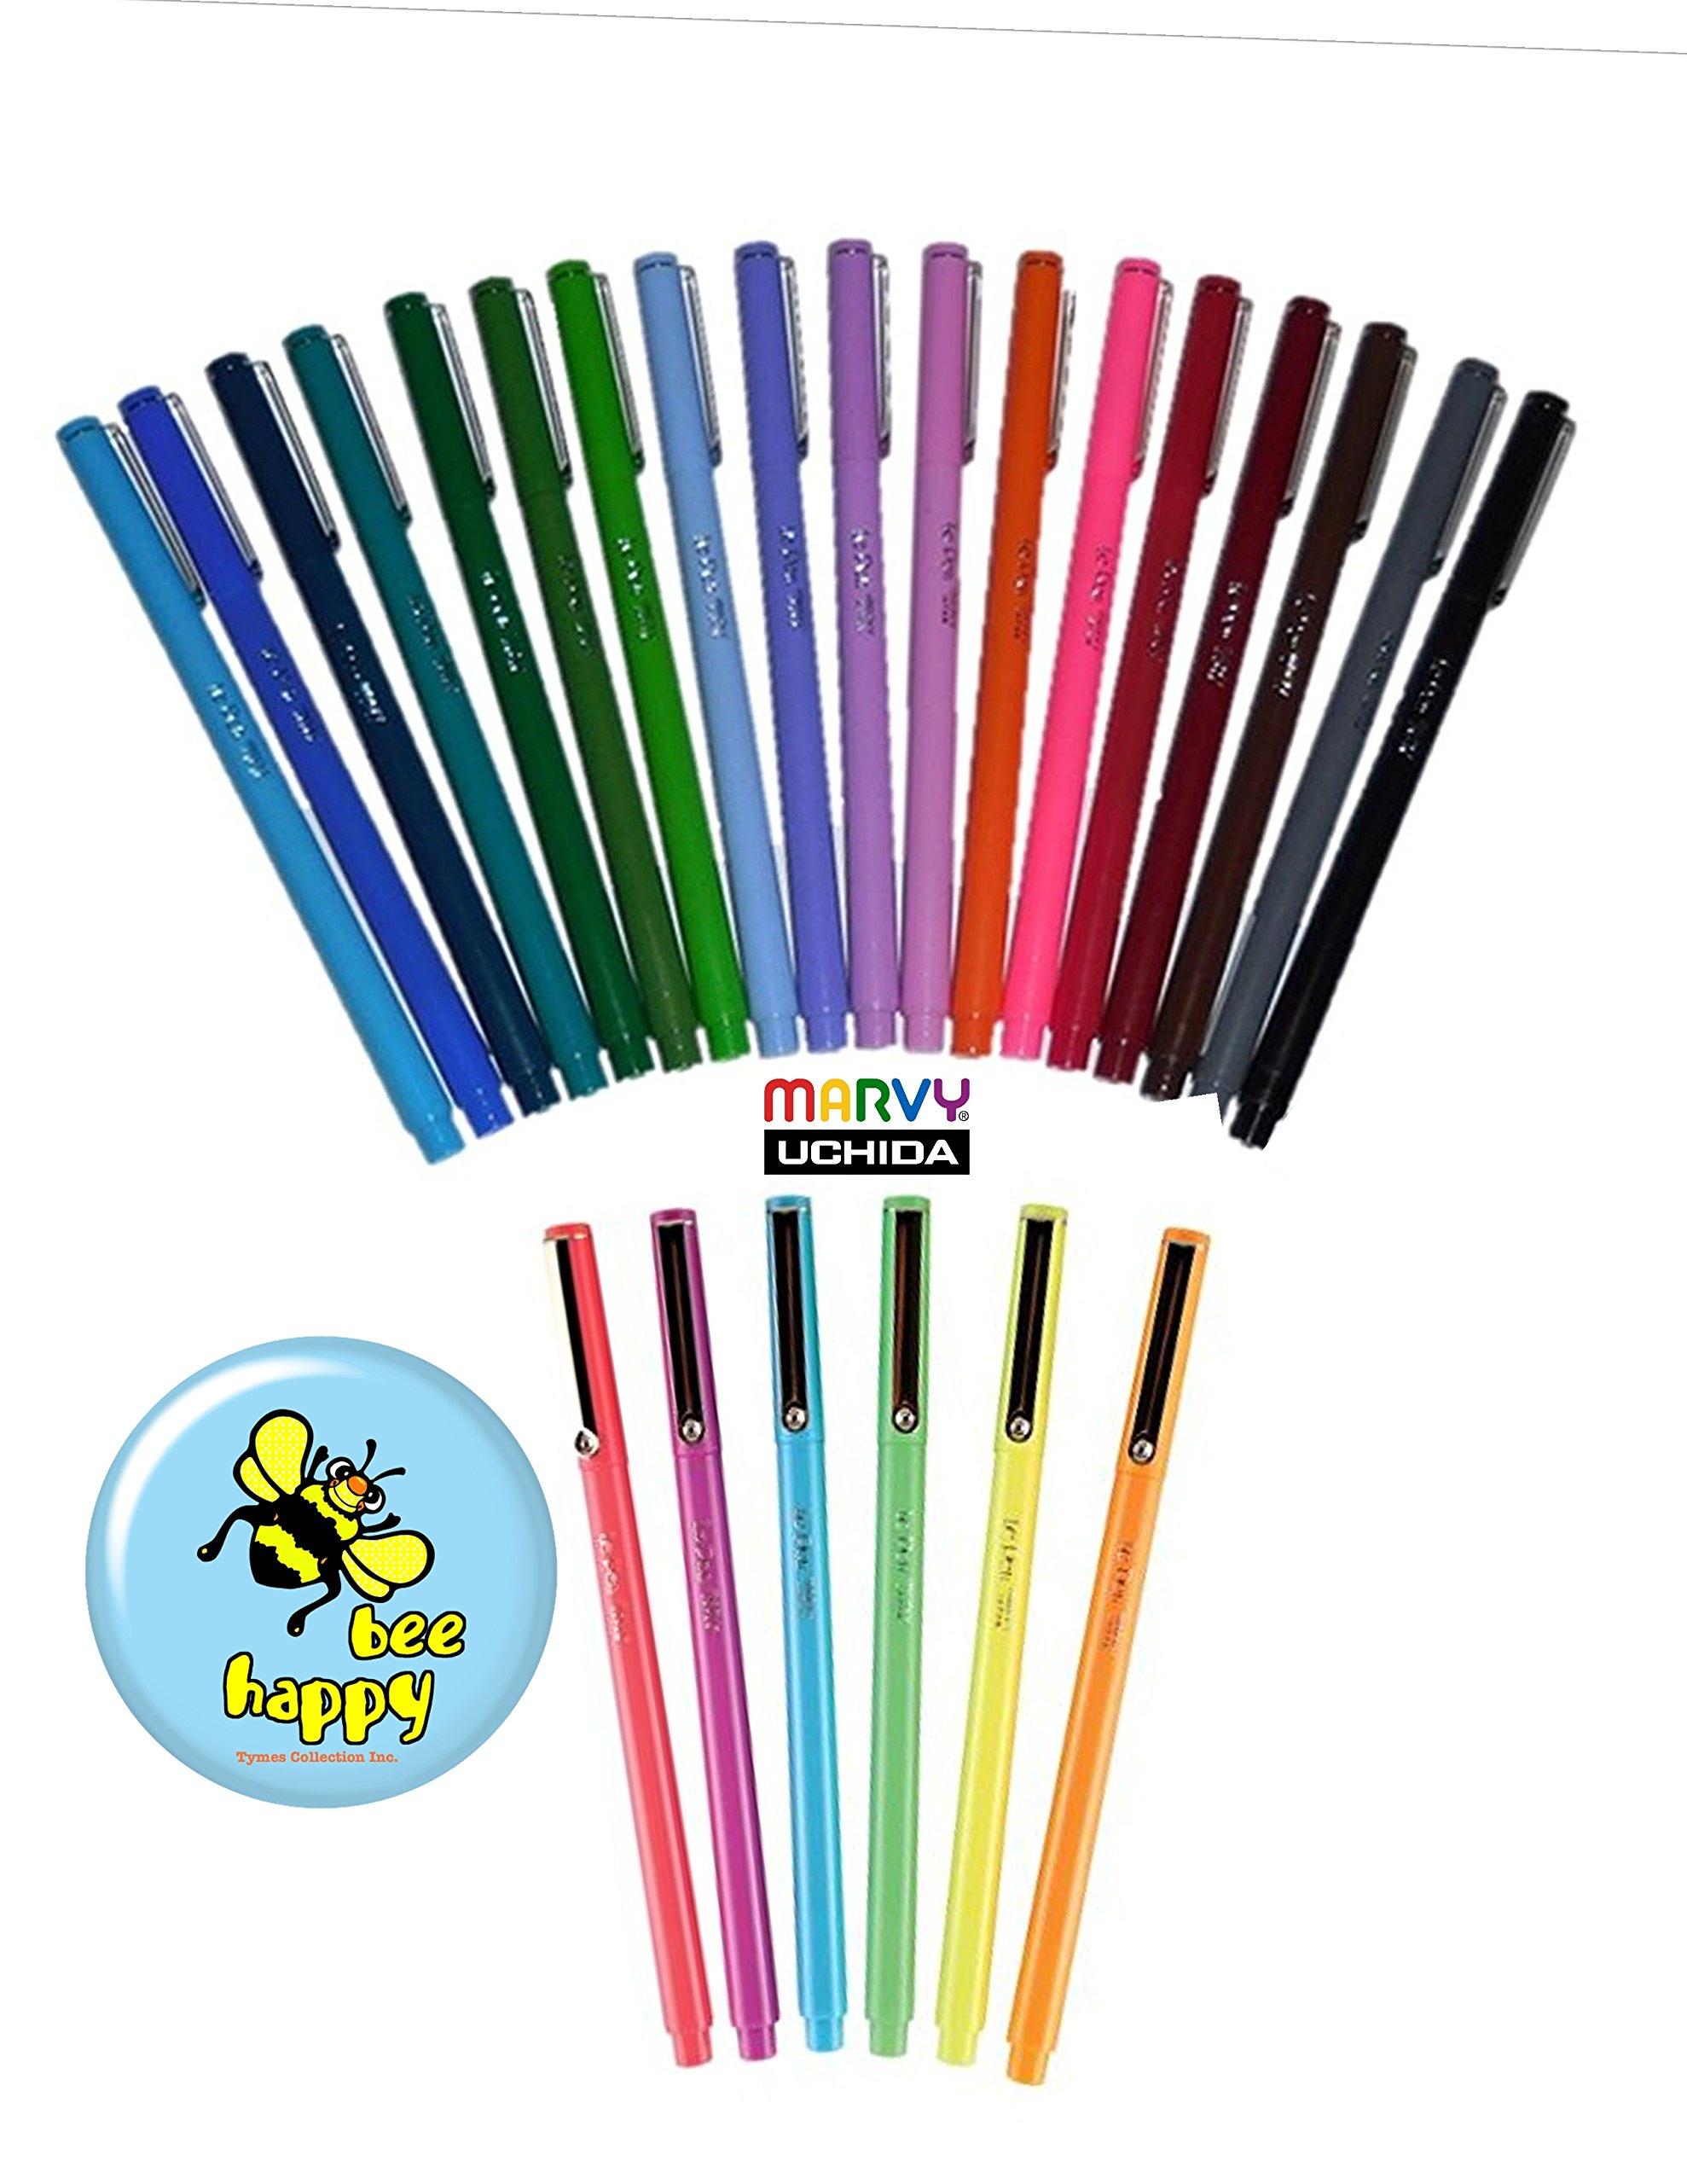 24 PACK of LE PEN colors (Le Pens + Fridge Magnet) AUTHENTIC UCHIDA OF AMERICA LE PENS